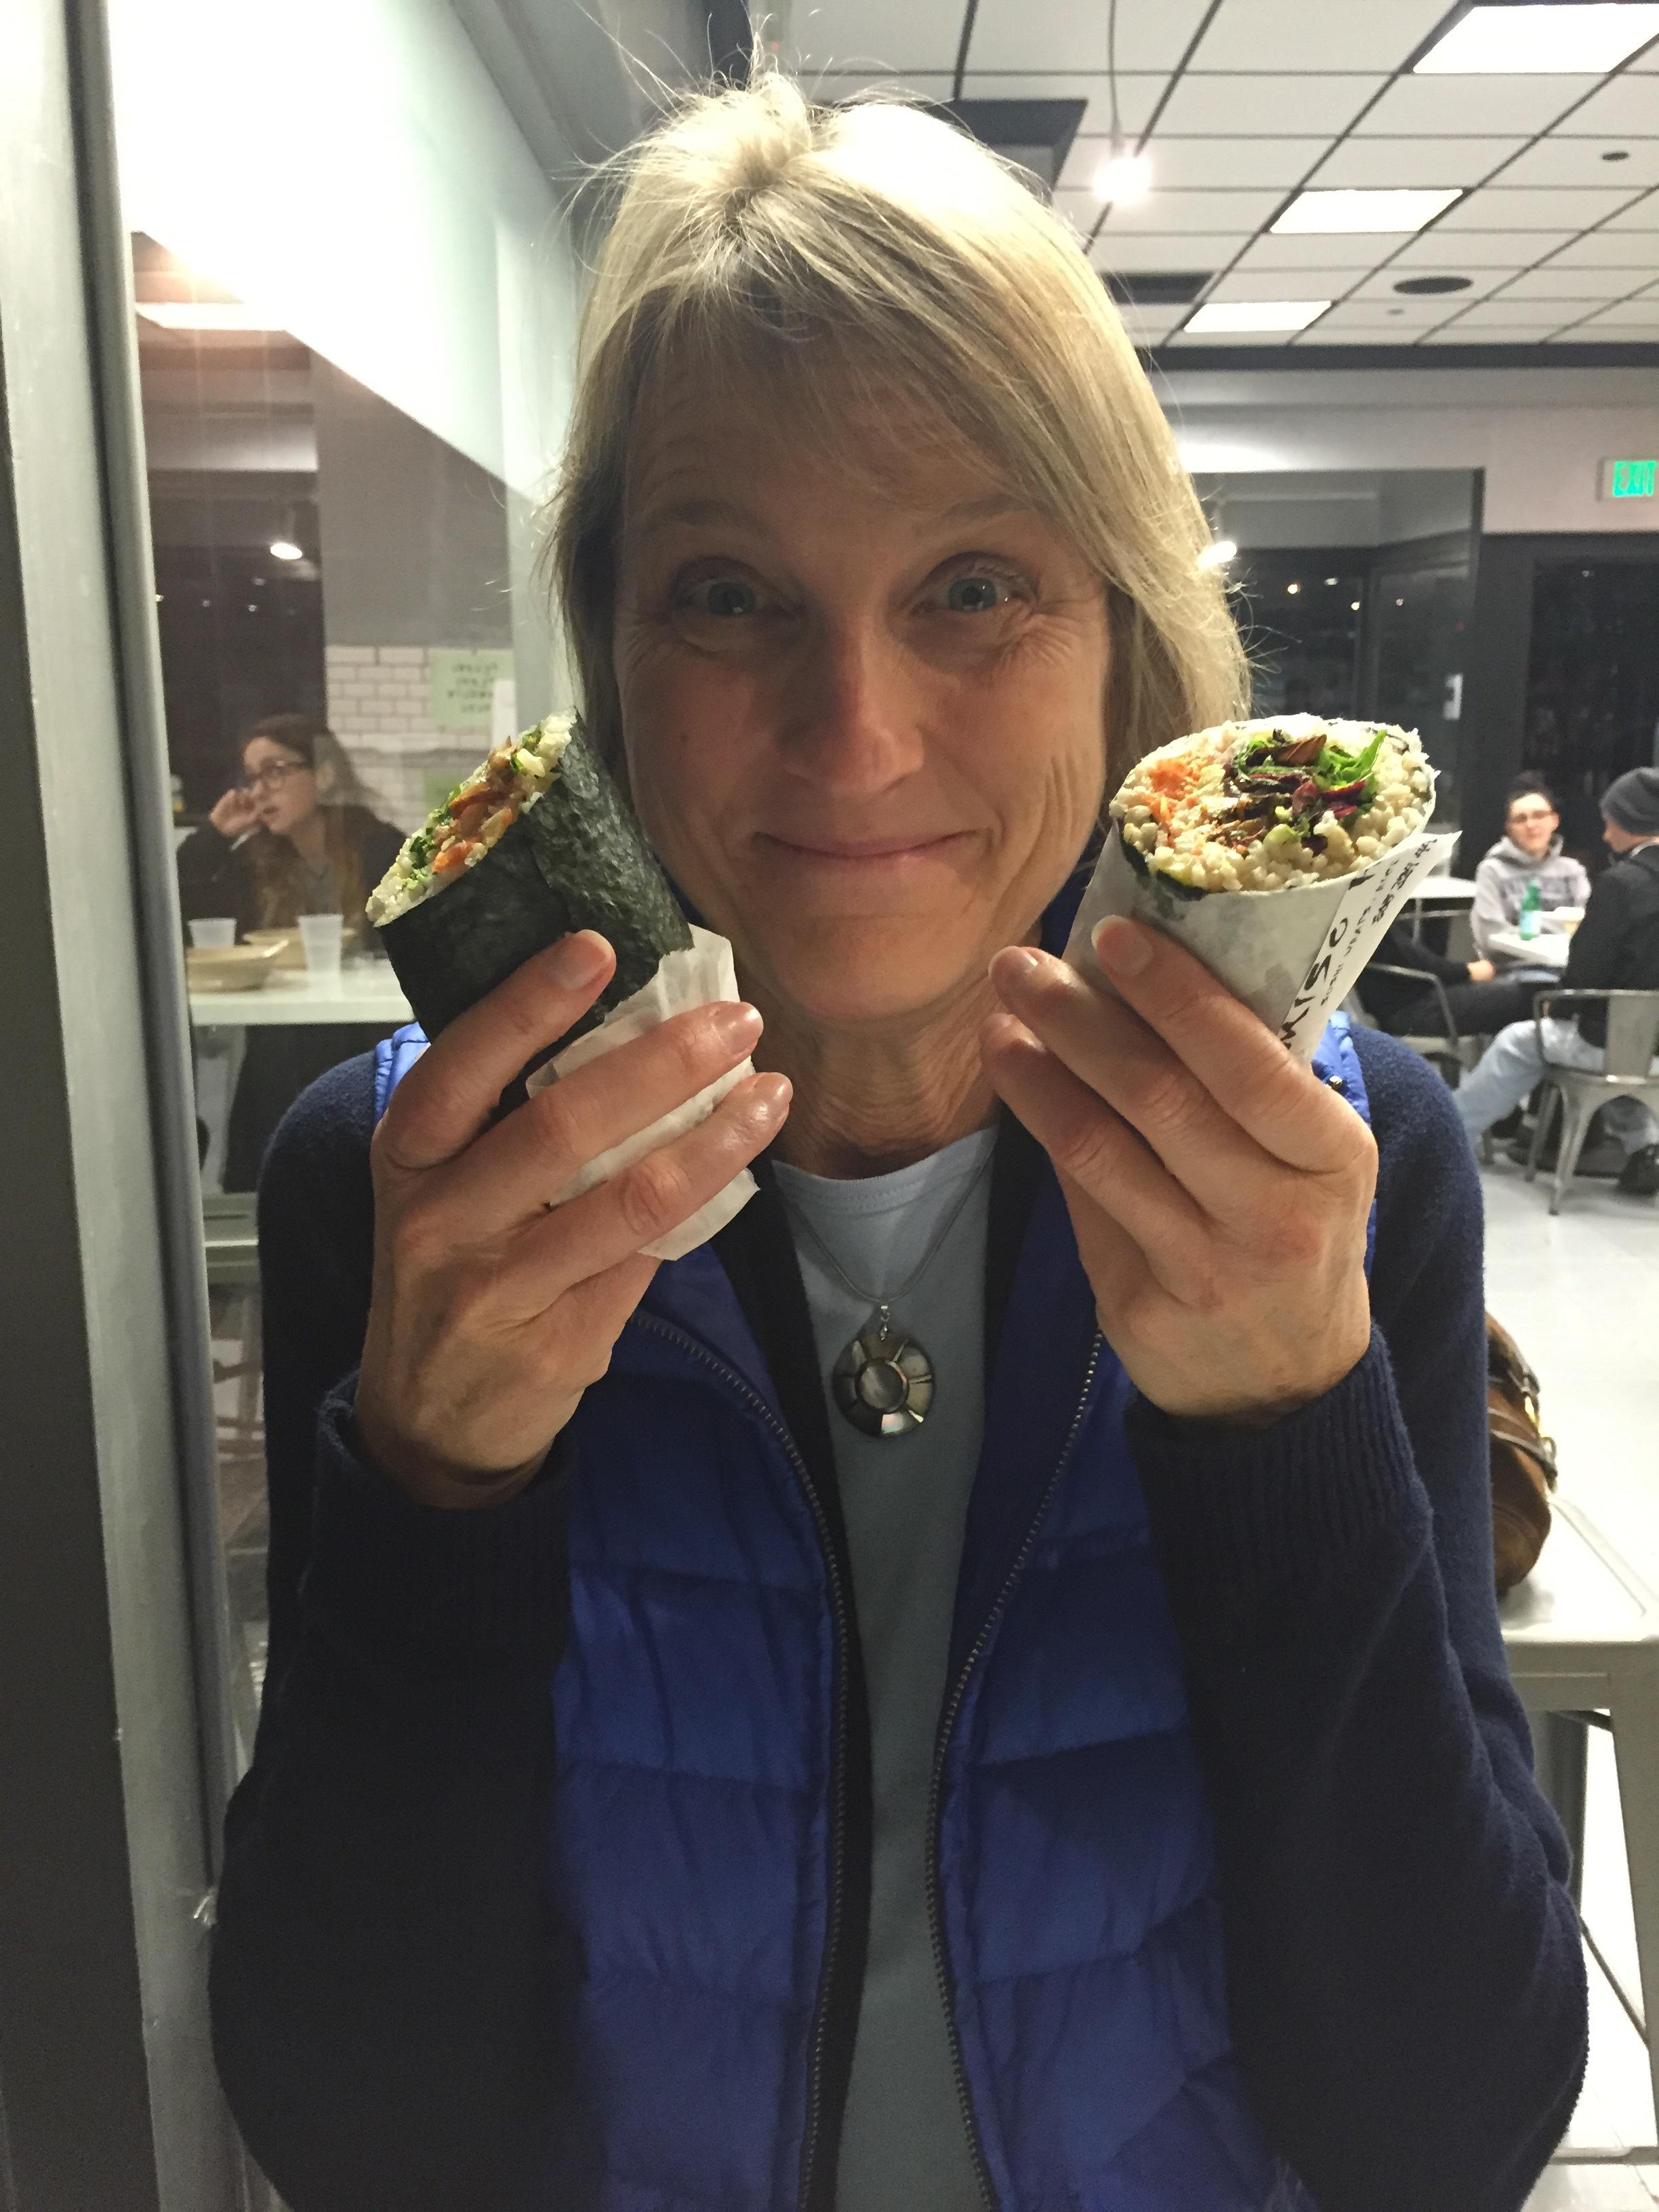 Sushi can be safe! -Miso Hungry, Santa Barbara, CA